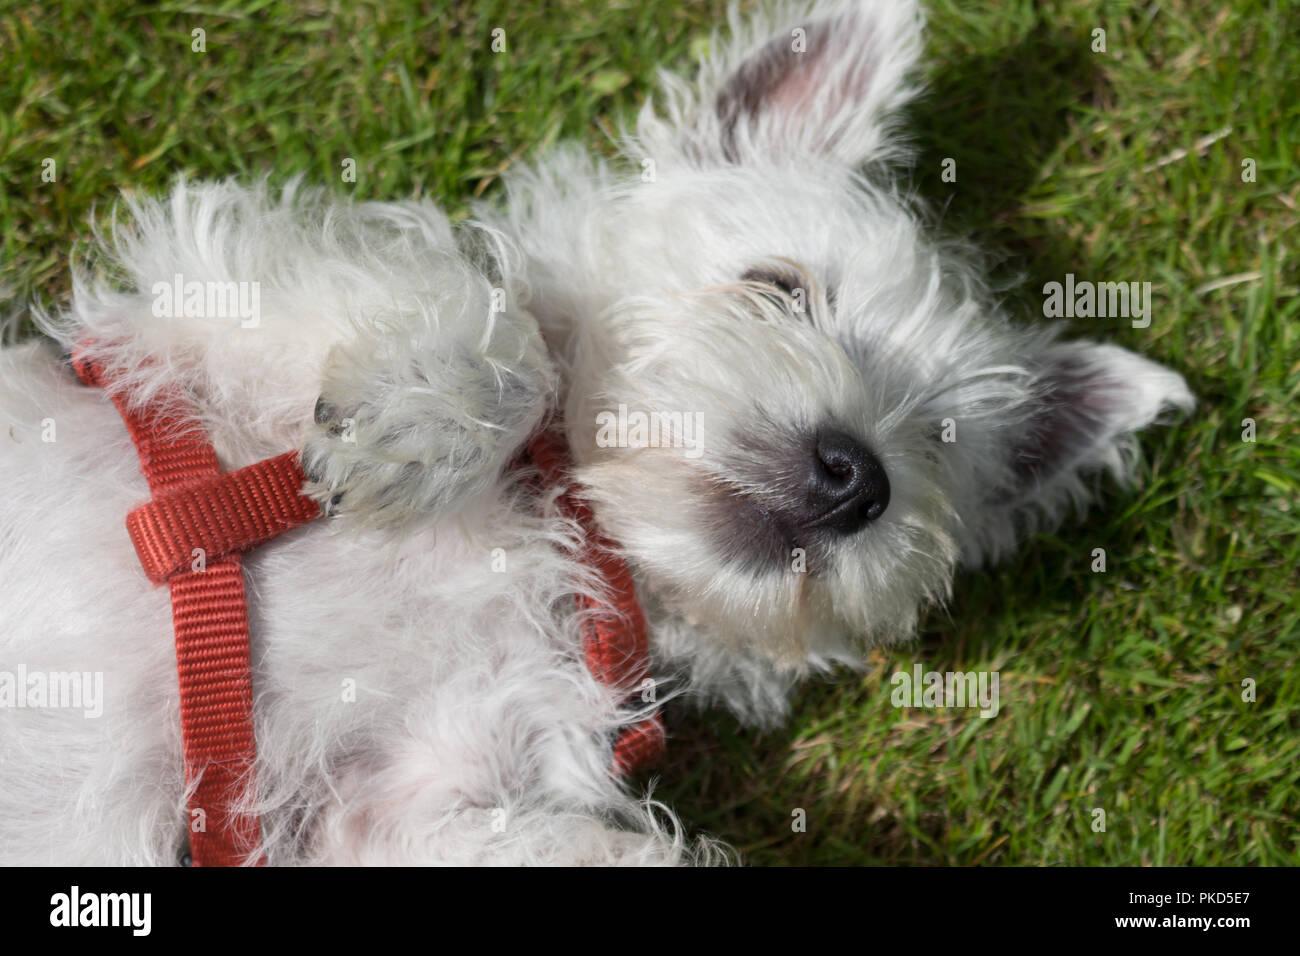 West Highland White Terrier, comúnmente conocido como Westie. Acostado sobre la espalda en la hierba con un mazo de cables de color rojo. Foto de stock